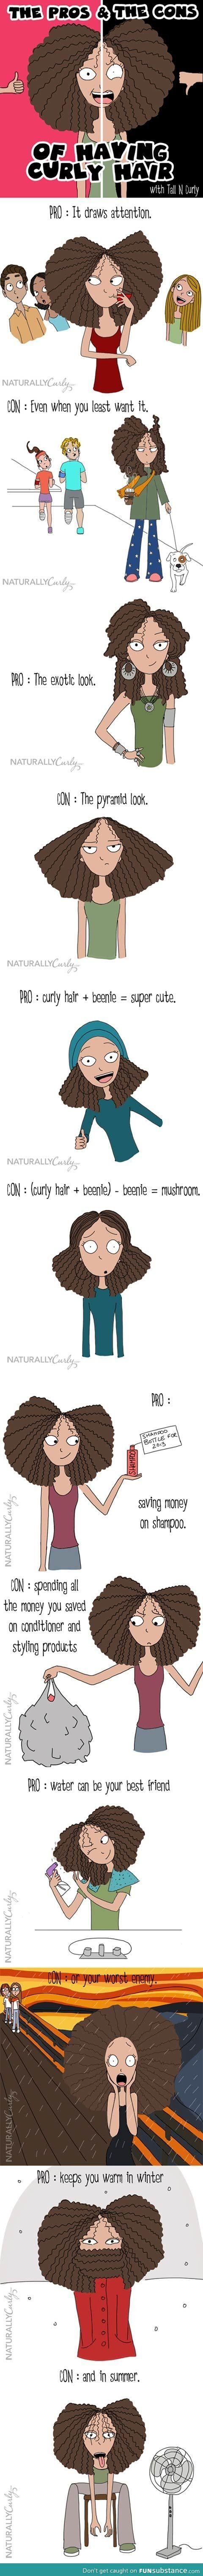 Having curly hair